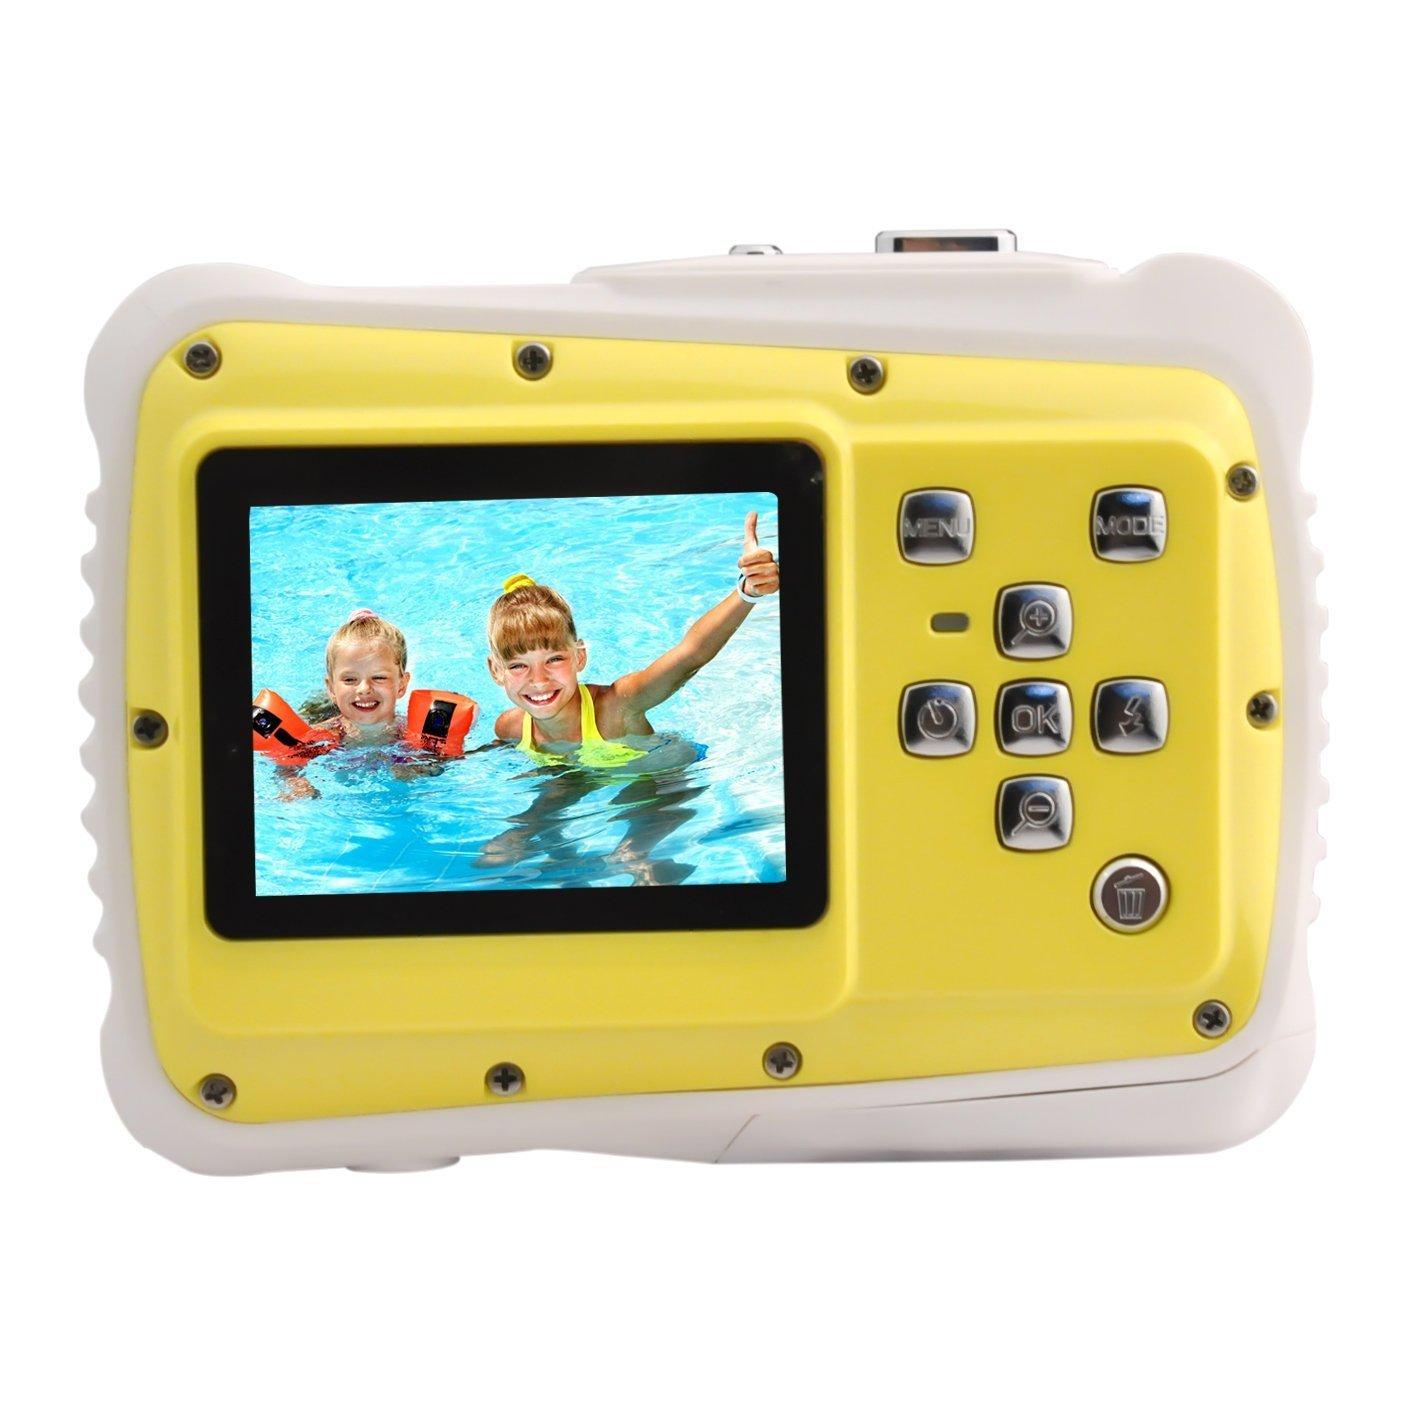 Powpro PP-J52 水中アクションカメラ 防水 防塵 子供用 カメラ カムコーダー 5M ピクセル (イエロー) 6  B07HNVPZXH